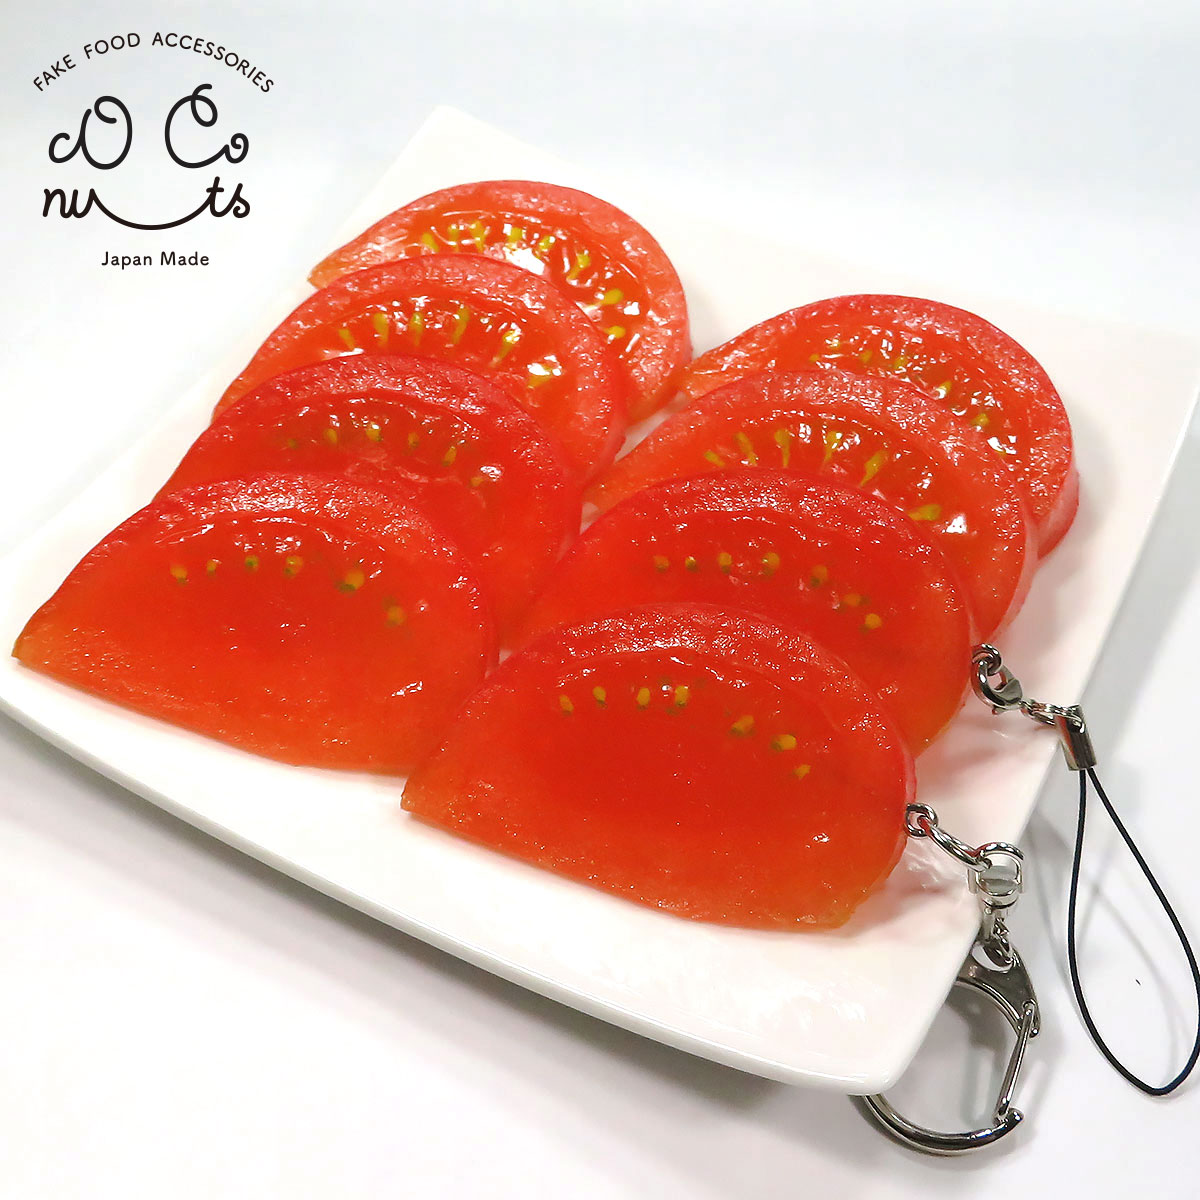 食べちゃいそうな トマト 食品サンプル